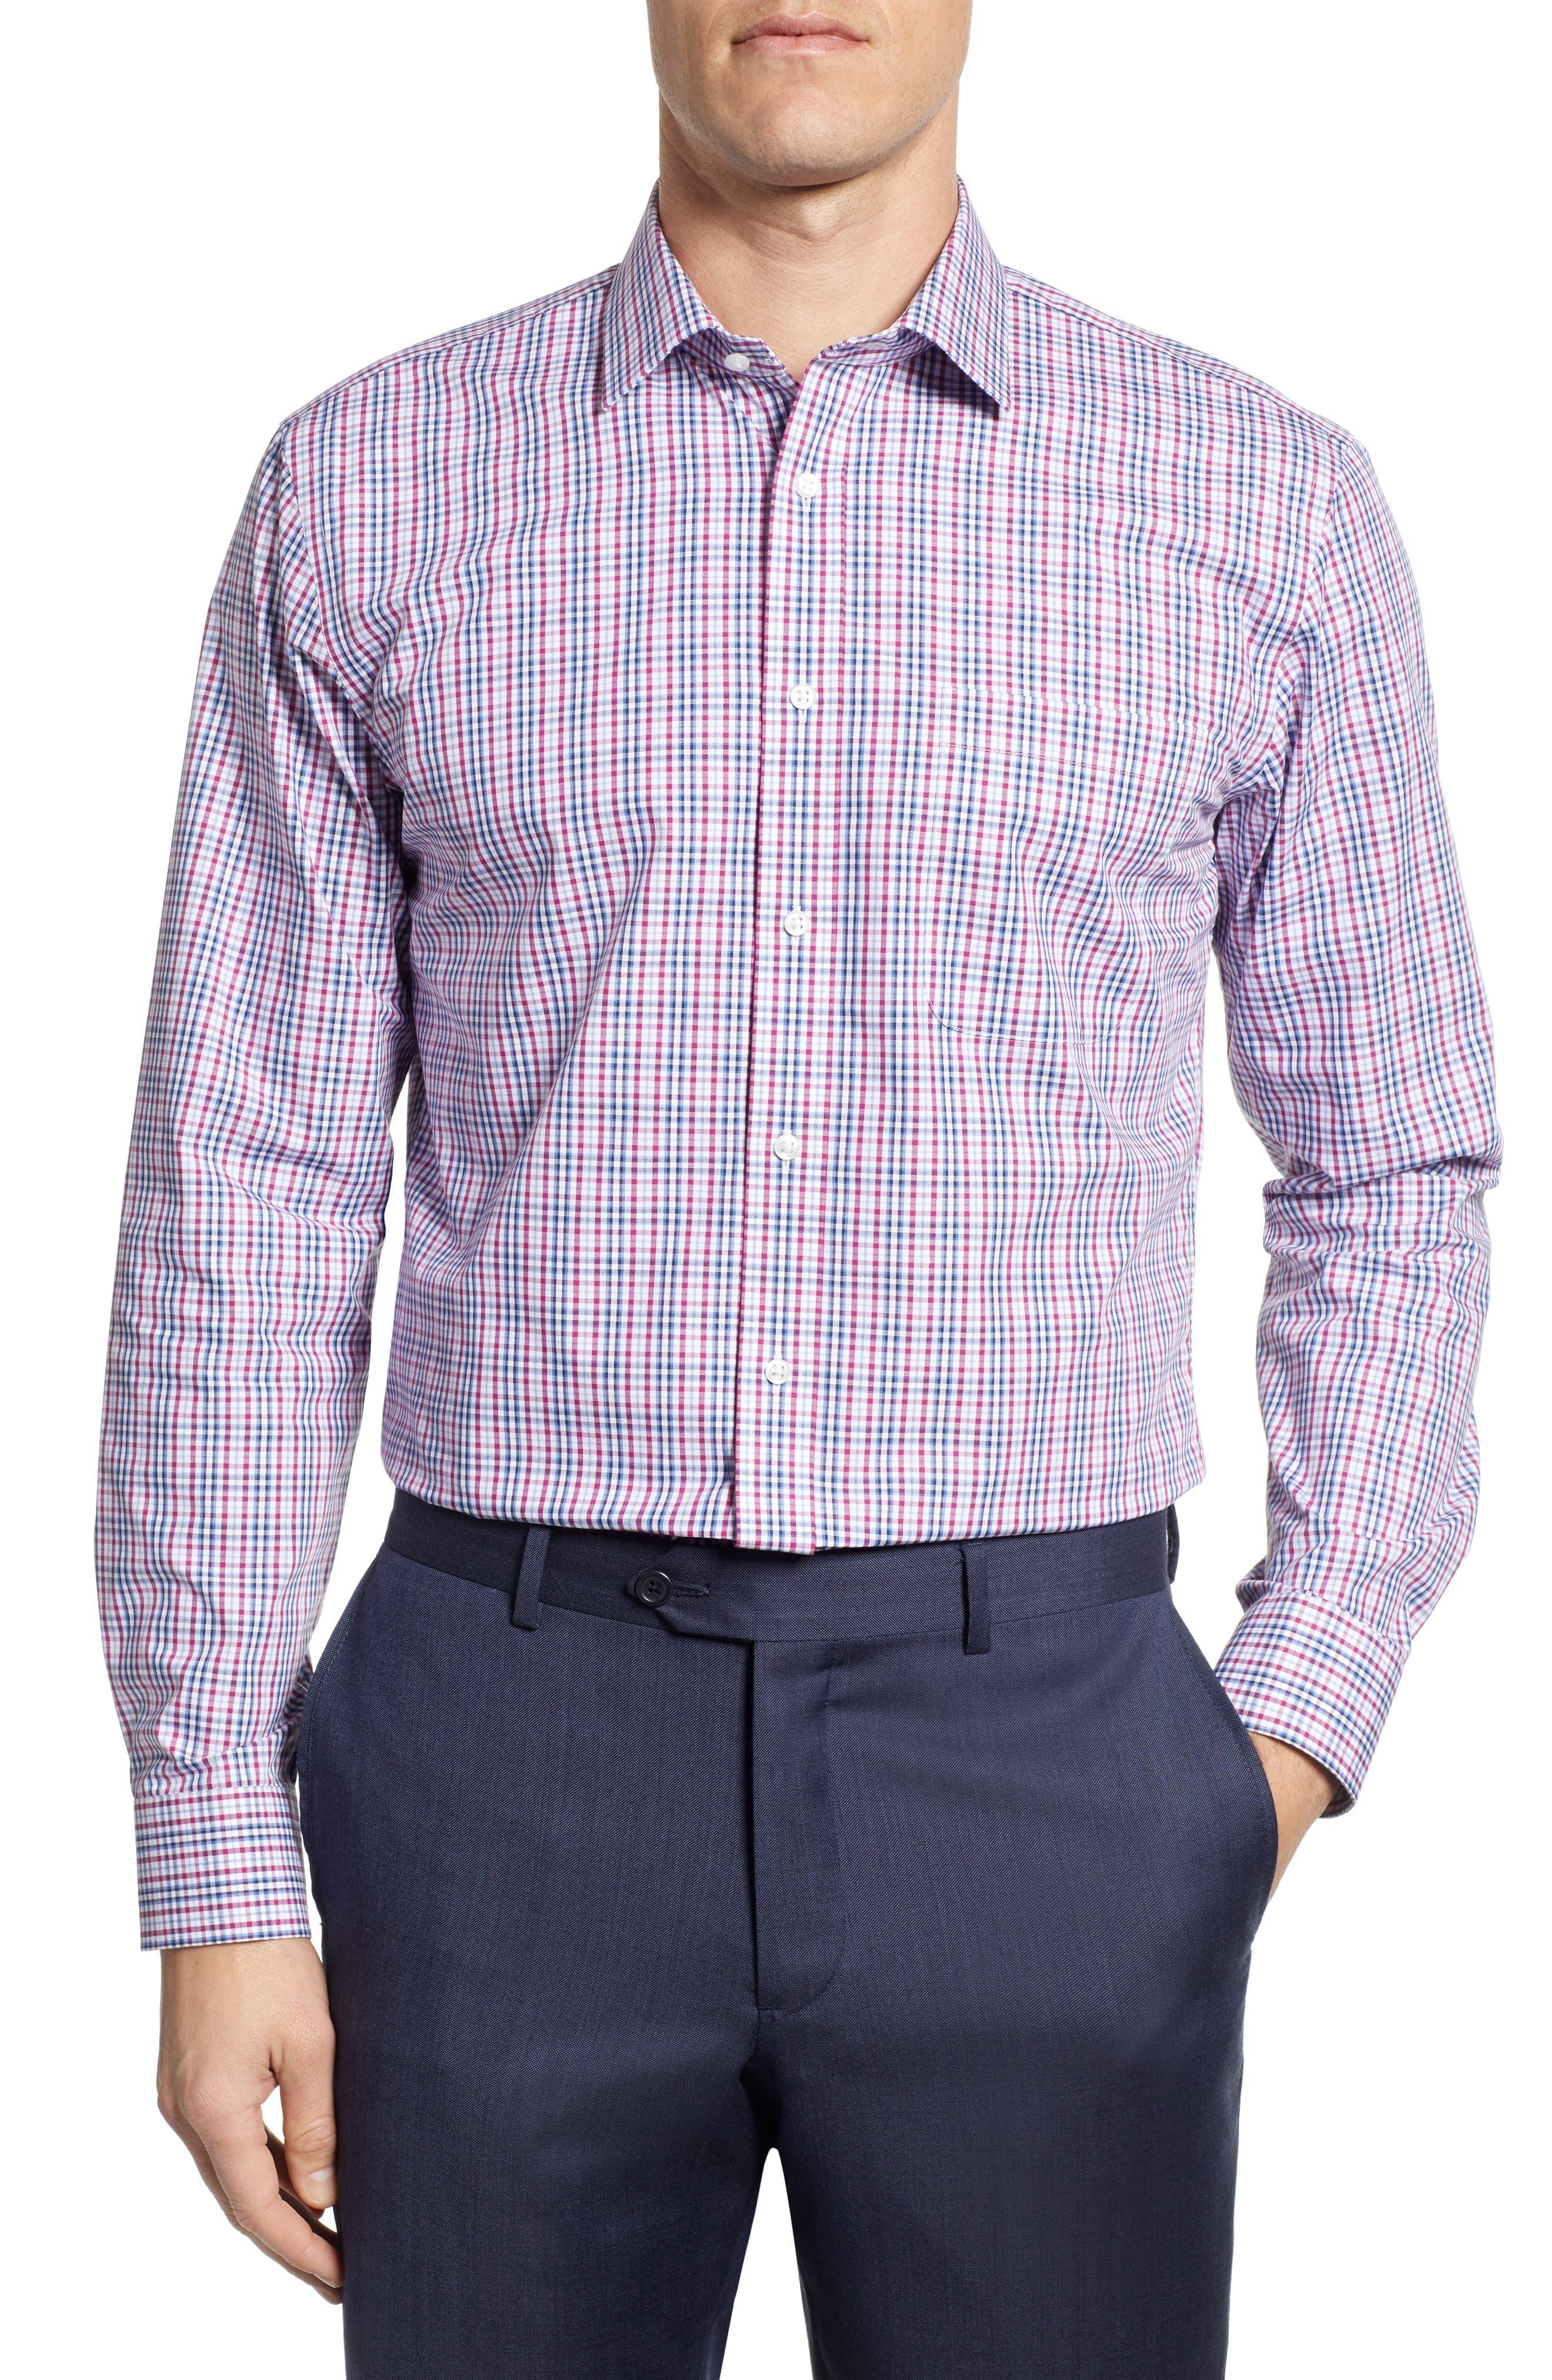 NORDSTROM MEN'S SHOP, Non-Iron Trim Fit Plaid Dress Shirt, Main thumbnail 1, color, PURPLE BOYSEN